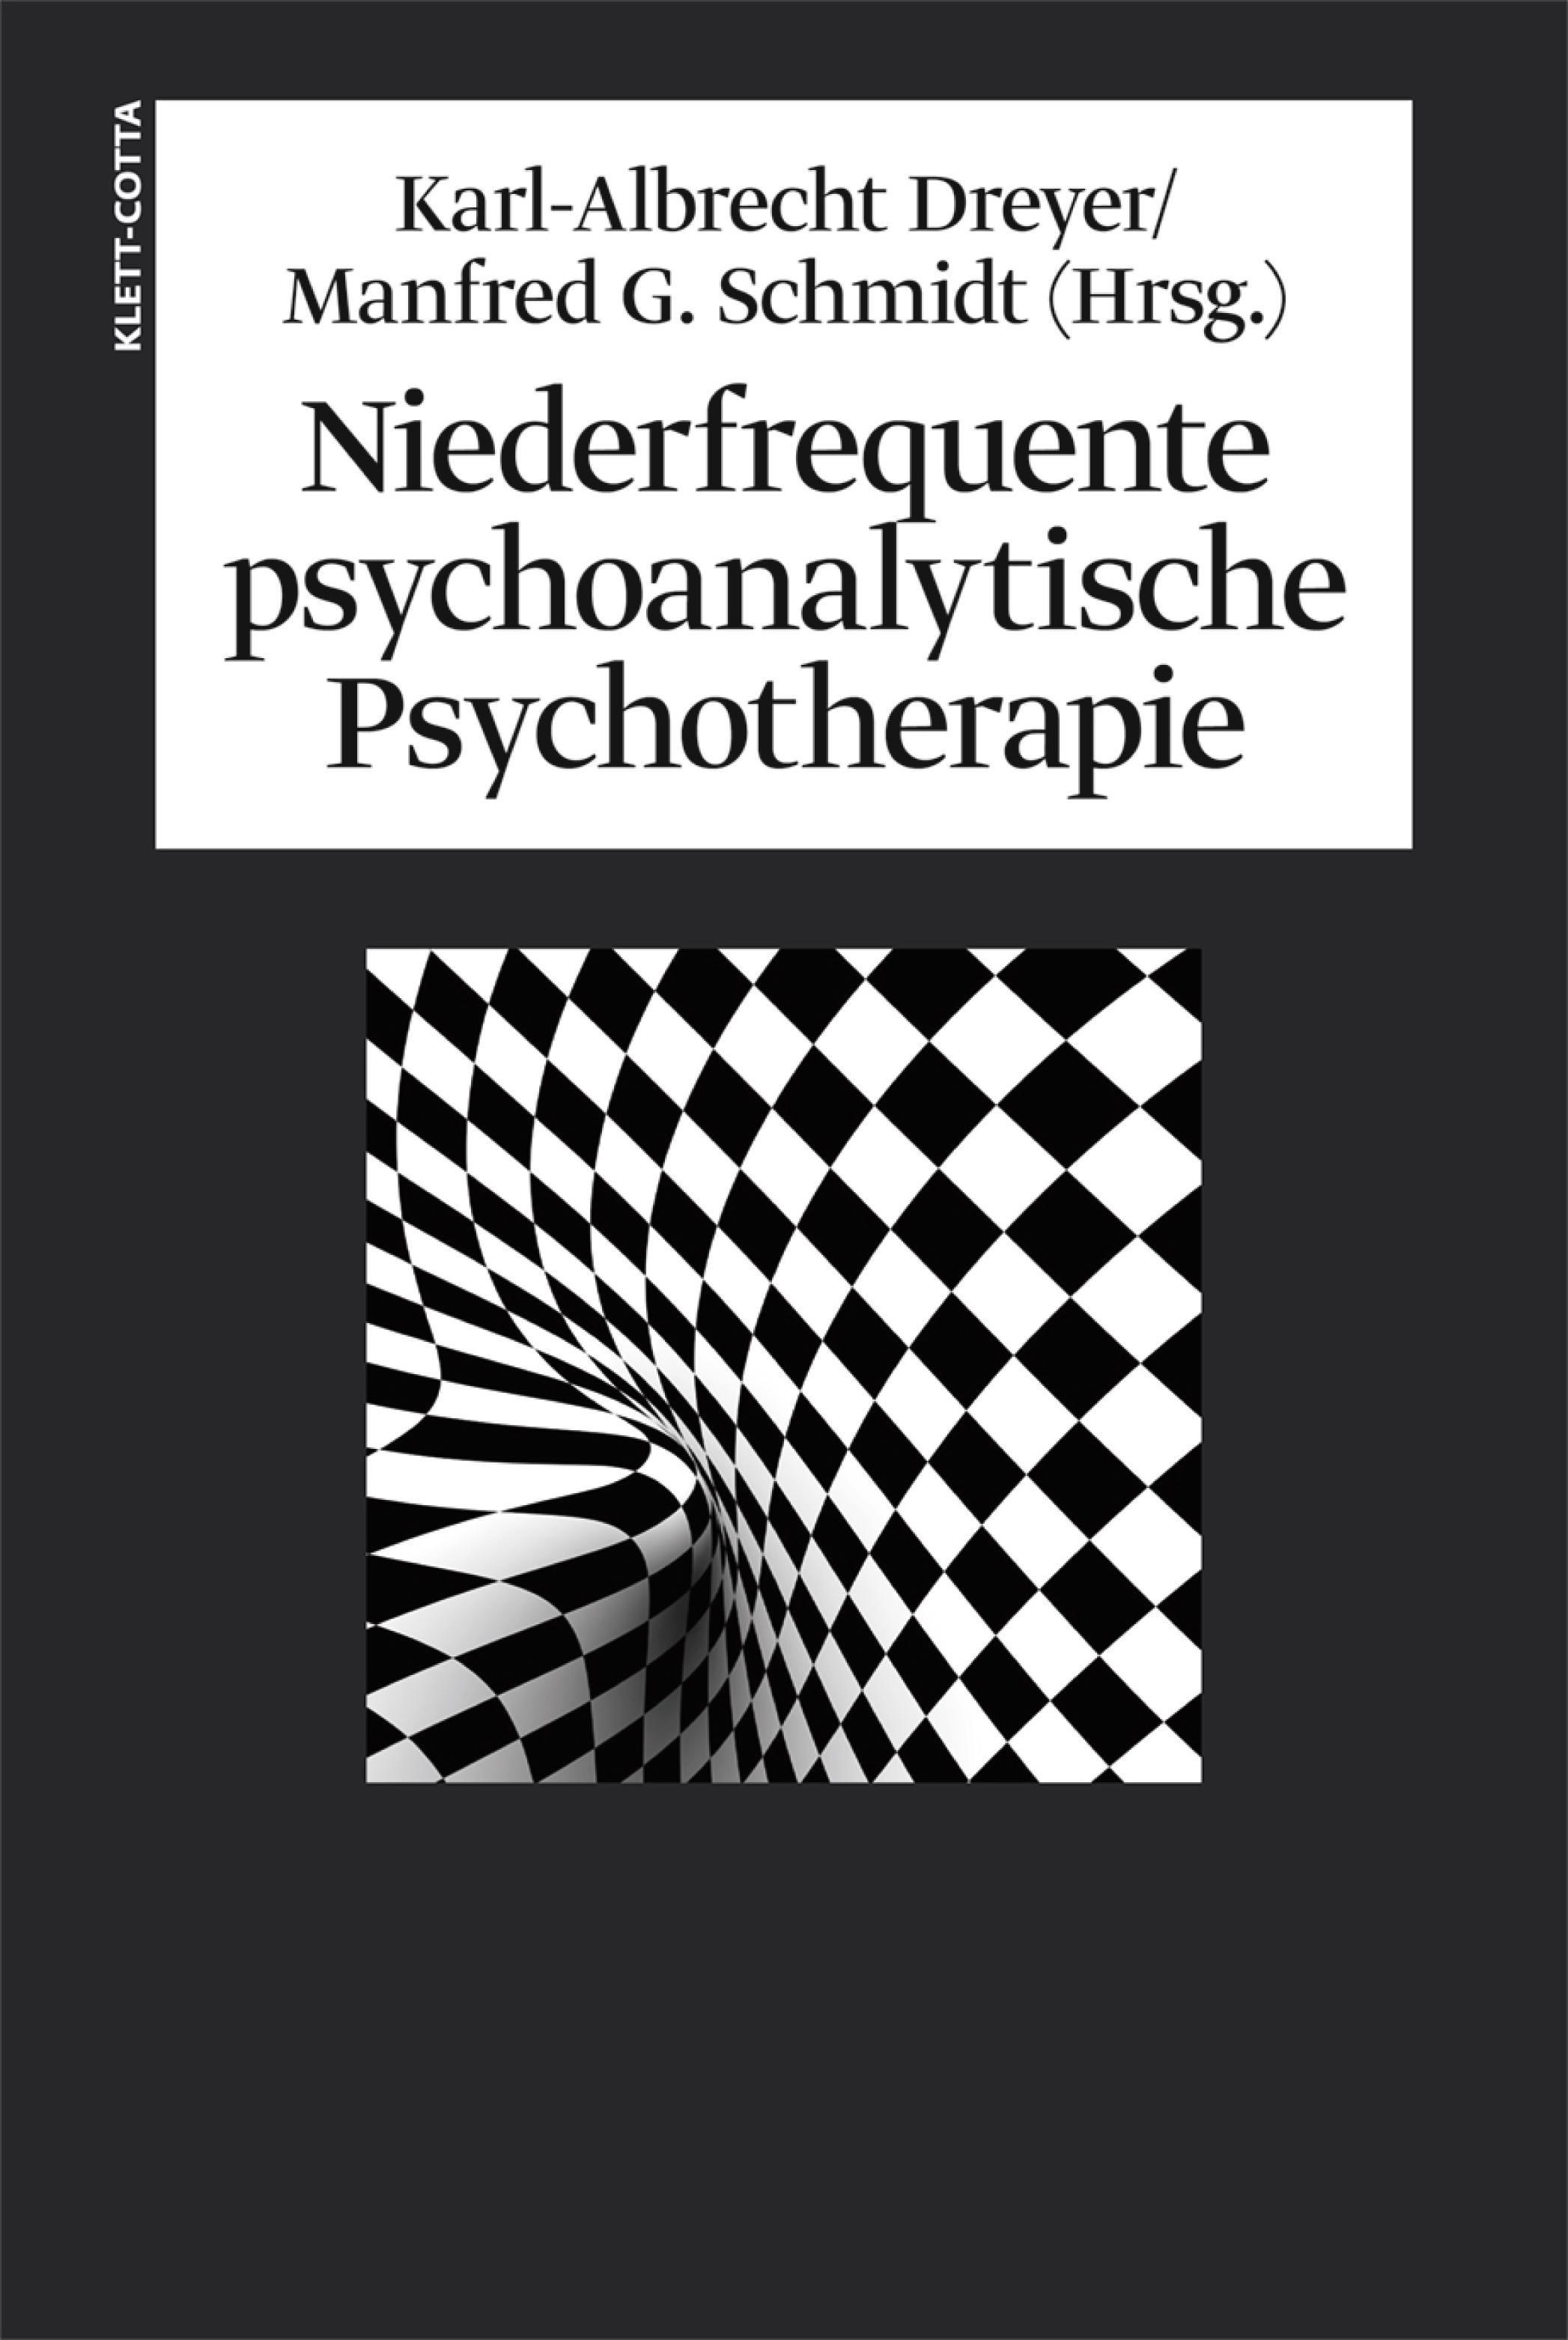 Niederfrequente psychoanalytische Psychotherapie   Dreyer / Schmidt, 2013   Buch (Cover)